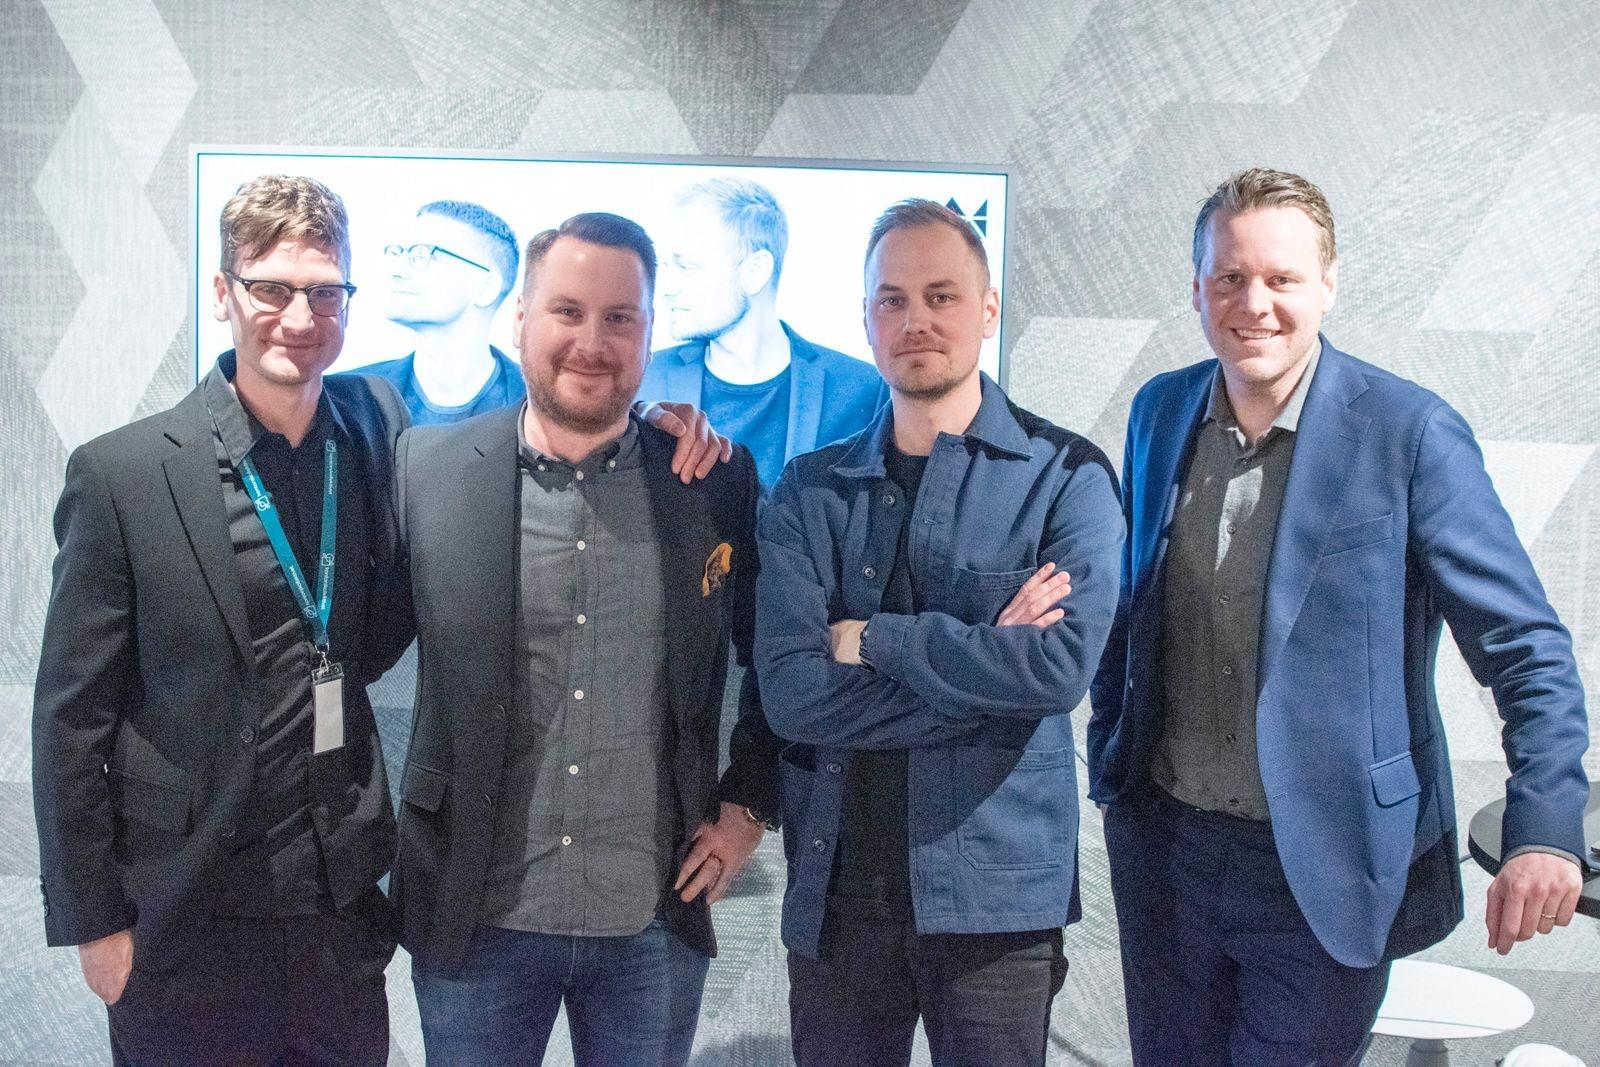 John Sävesjö, Joel Friberg, Kifab, Johan Vilestål och Fredrik Genberg på Tengbom.